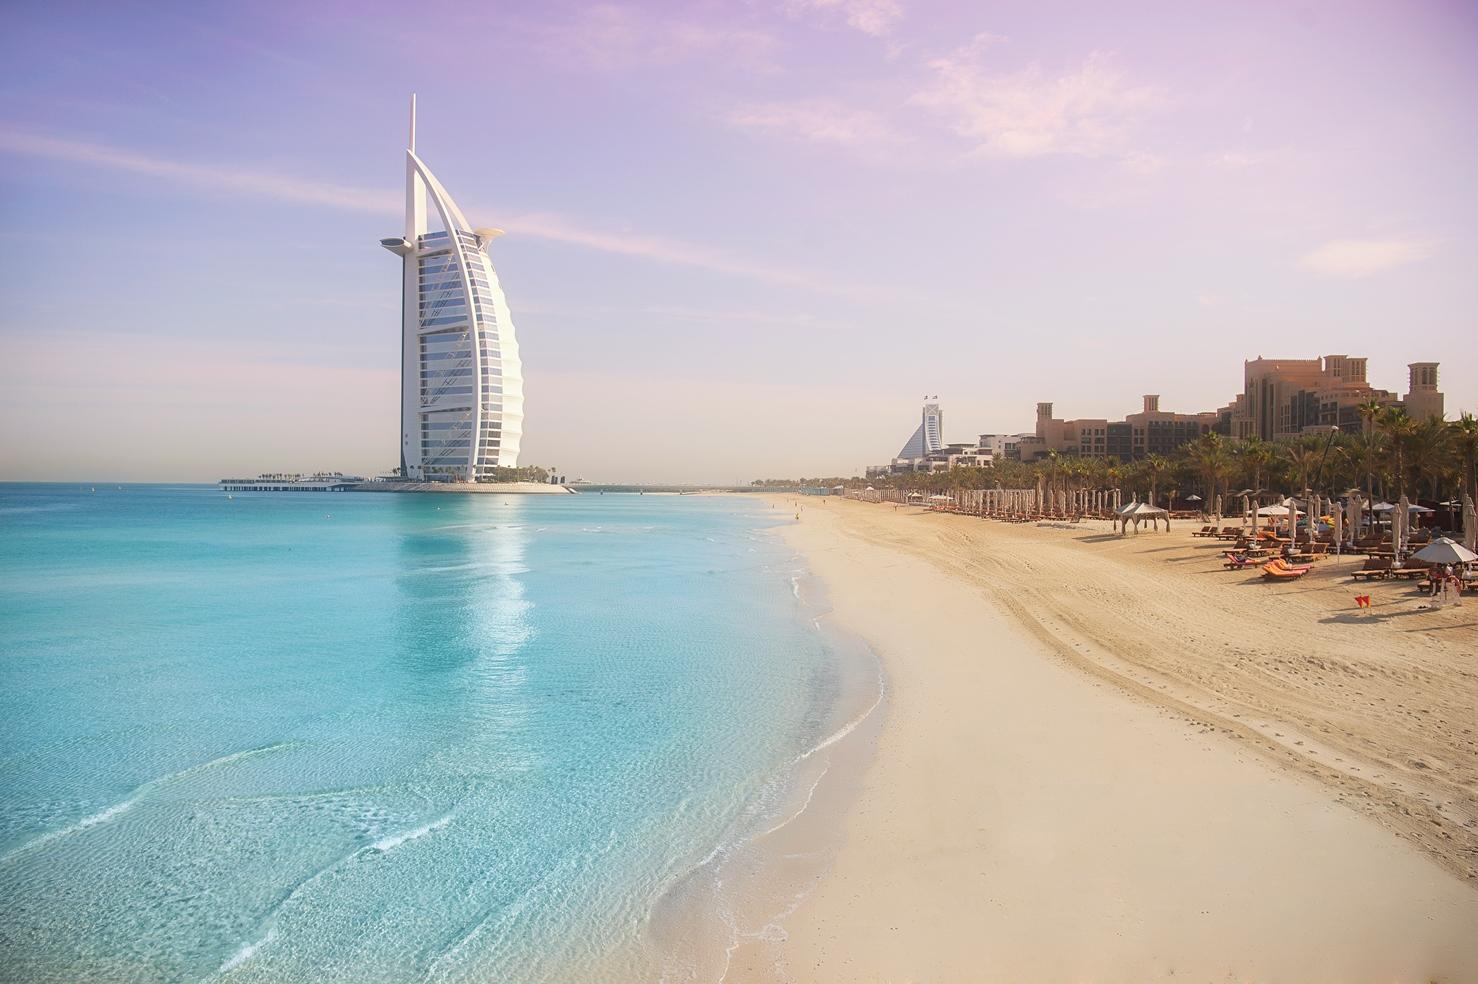 Фразы, которые могут пригодиться в Дубае